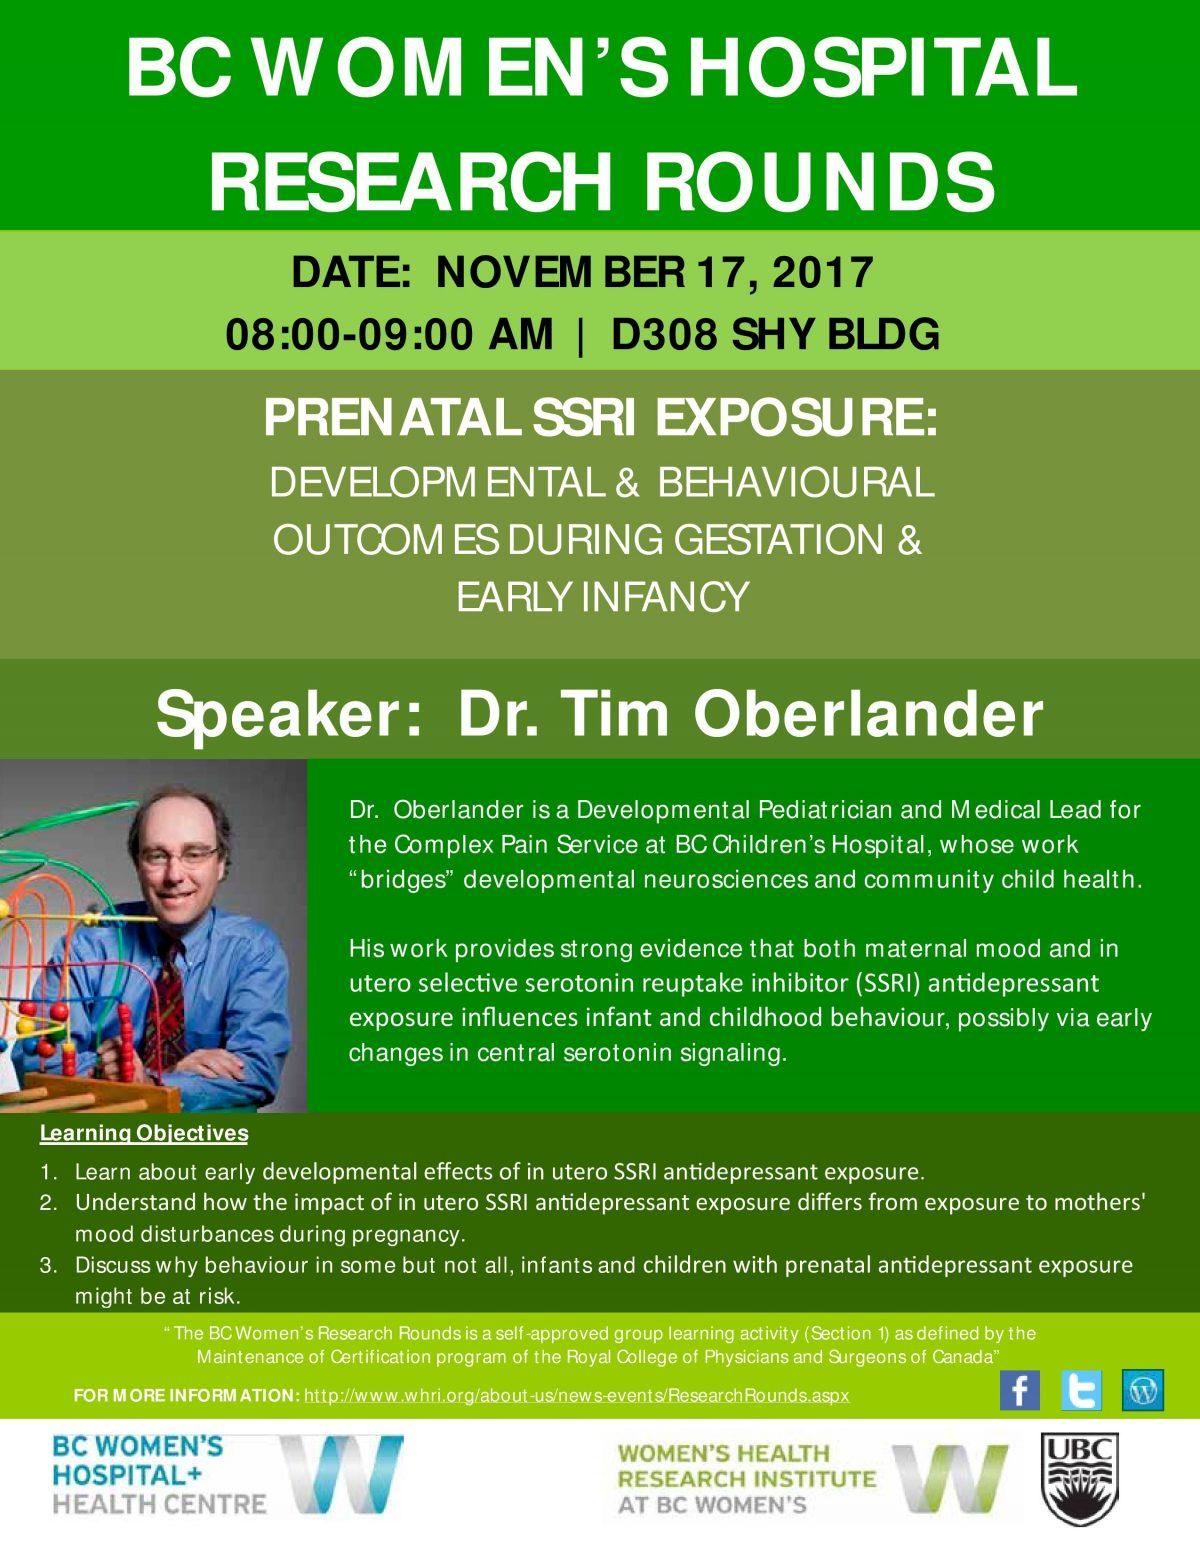 Rounds Poster-Nov-17-2017-Dr. T. Oberlander-FINAL-page-001